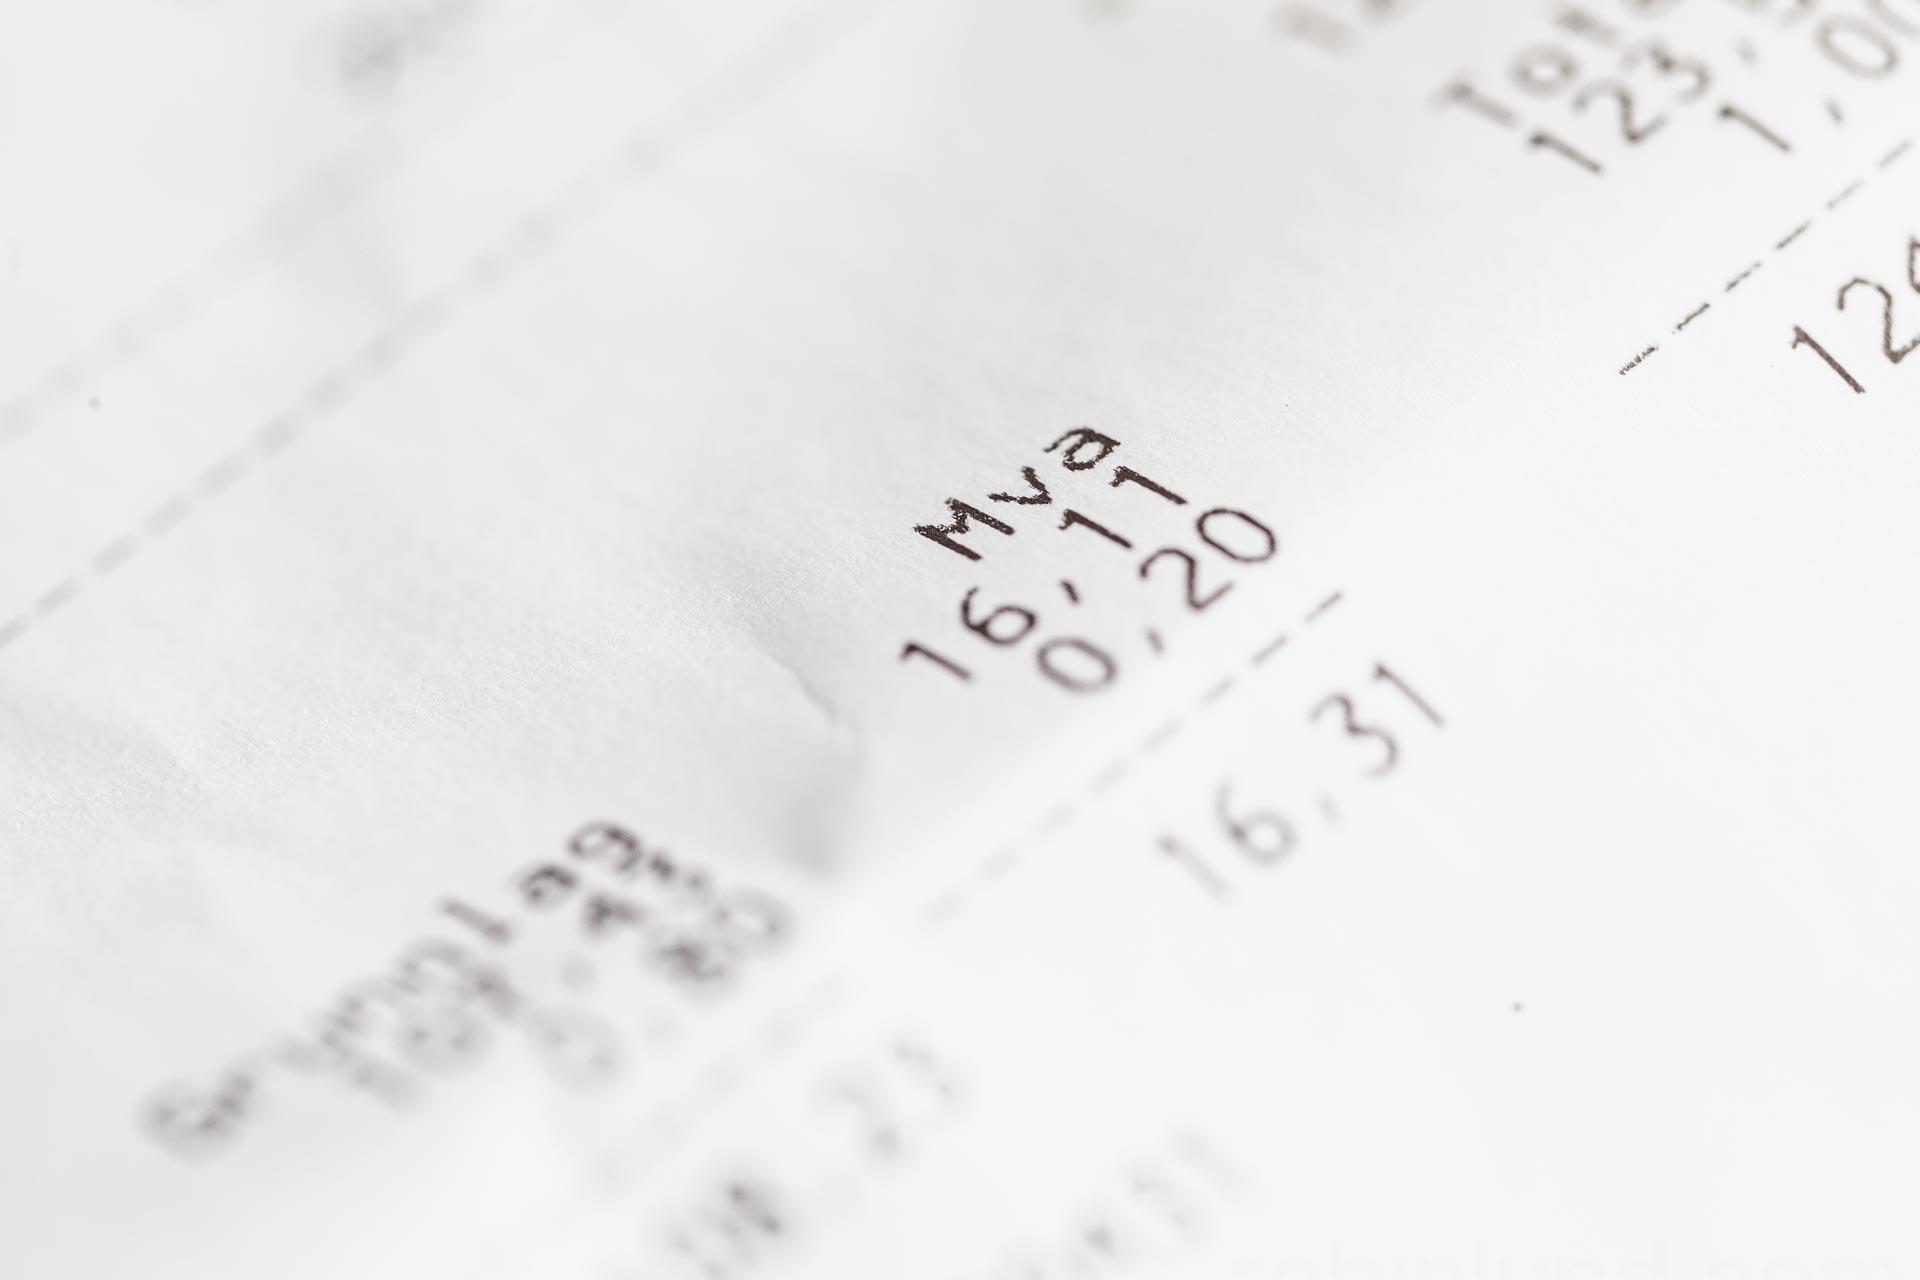 83f500d1 Moms spesifisert på kvittering etter butikkjøp. Selektiv fokus.  Merverdiavgift, også kalt moms, avgift som betales til statskassen på  omsetning av varer og ...